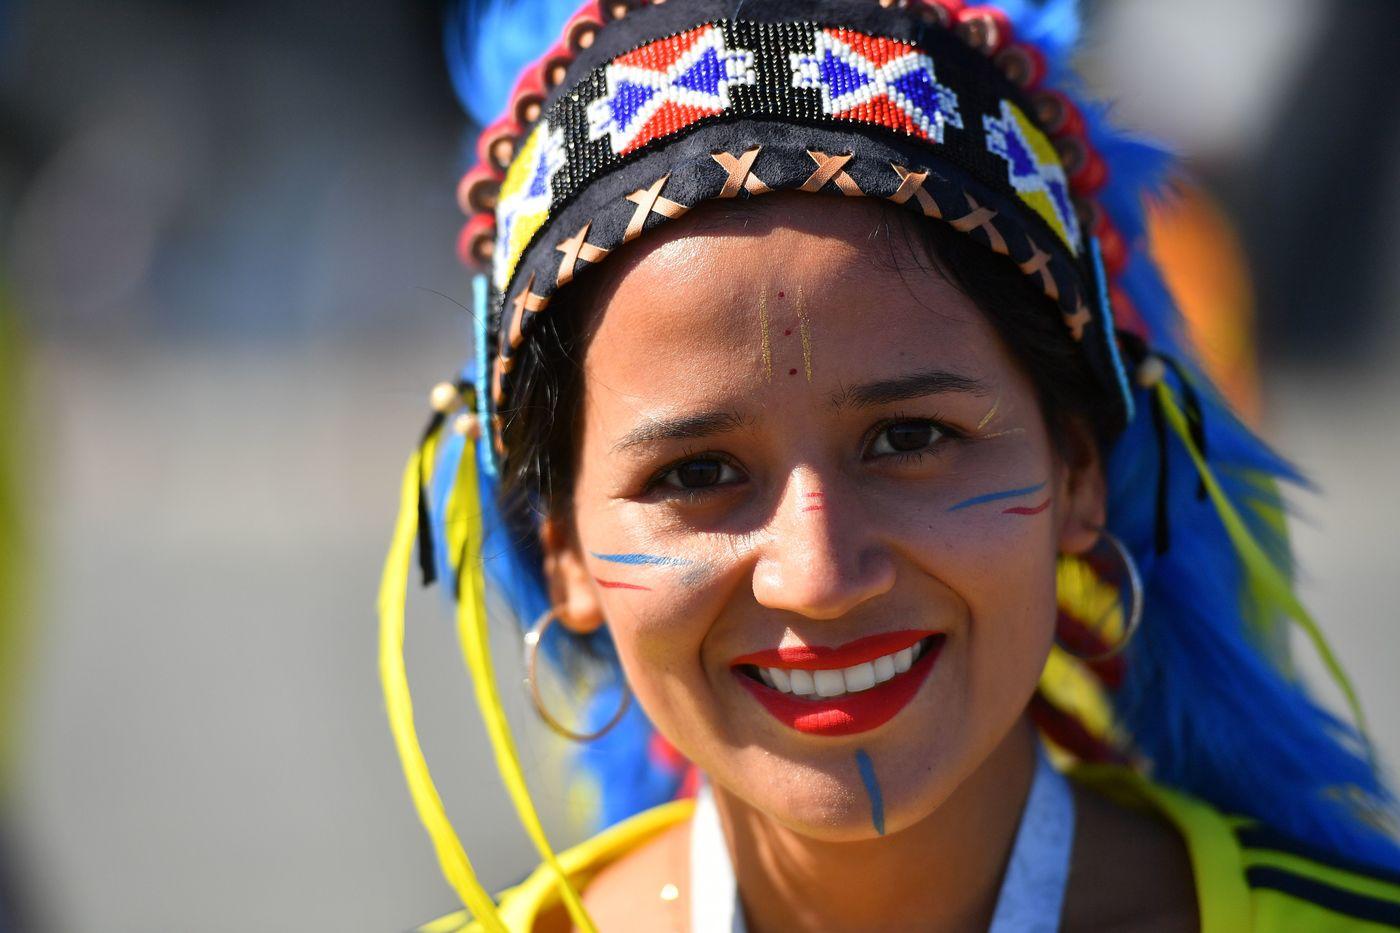 Colombia-Nuova Zelanda 2 giugno: si gioca per gli ottavi di finale del Mondiale Under 20. I sudamericani partono favoriti.